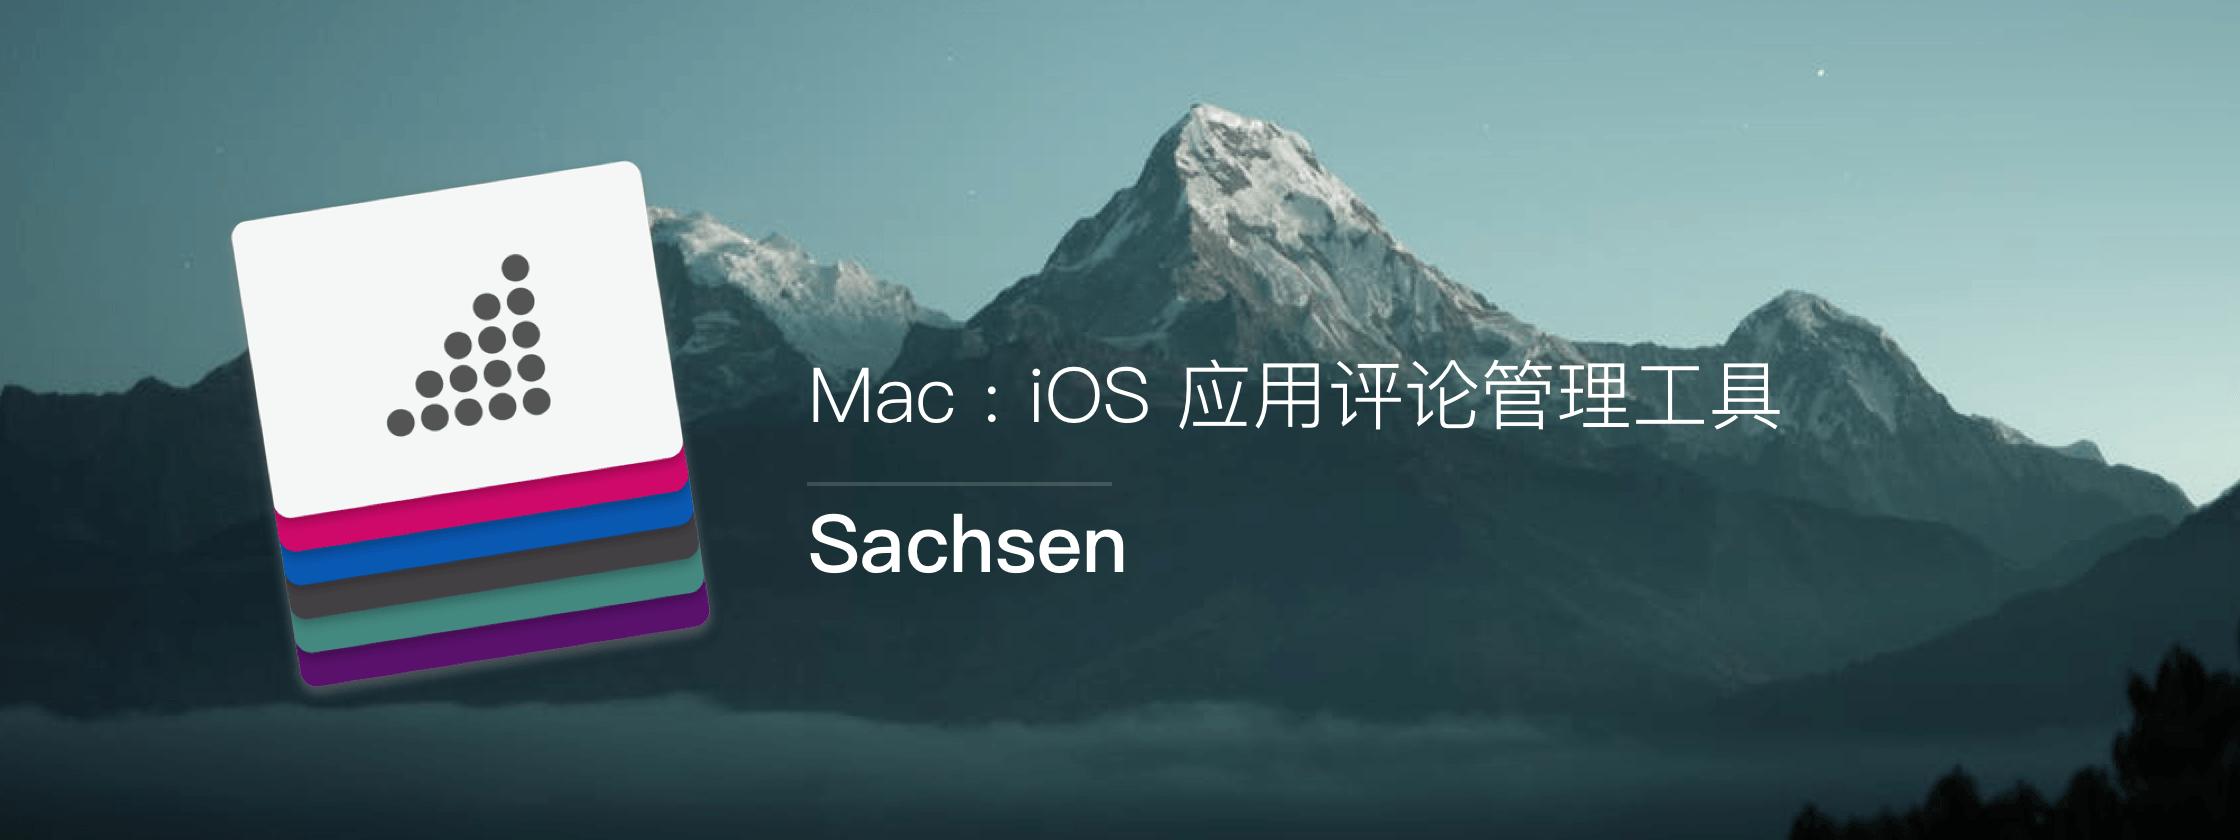 Sachsen – Mac / iOS 应用评论管理工具